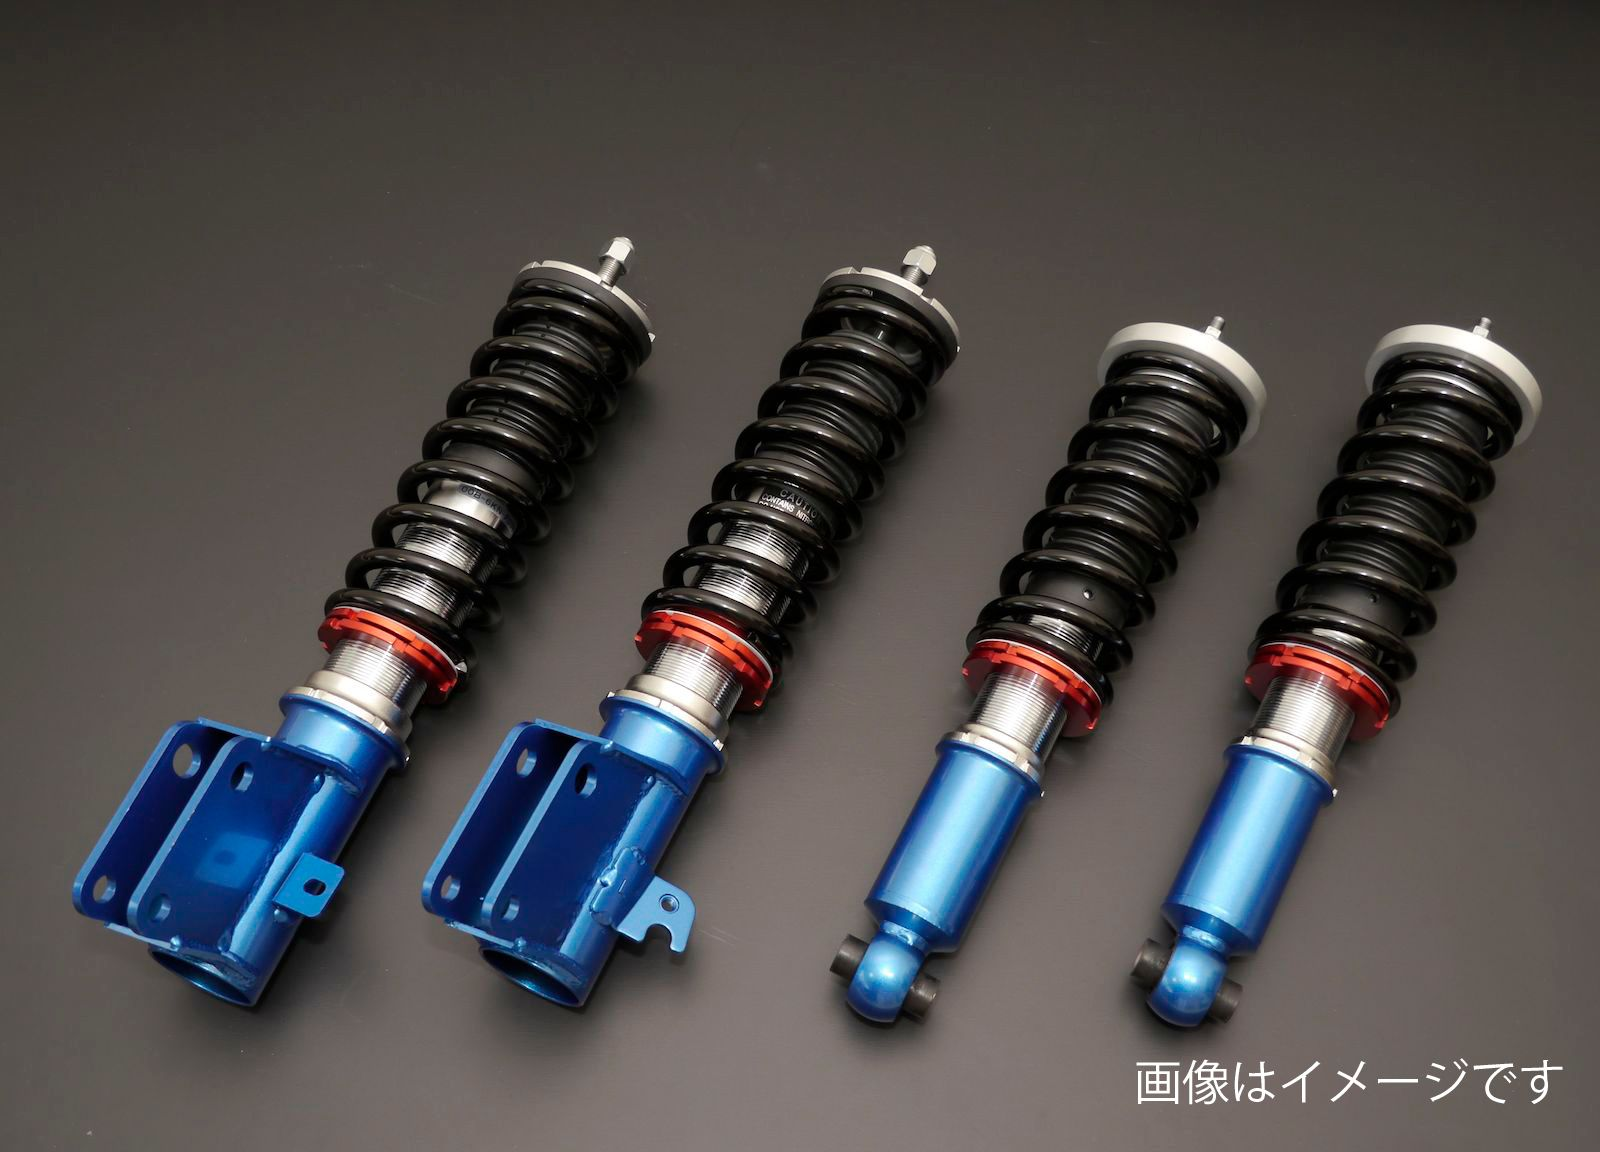 CUSCO(クスコ) 車高調キット street ZERO スバル レガシィB4 BL5/BLE アプライドA-F 2003.5-2009.5 商品番号:685 61P CB